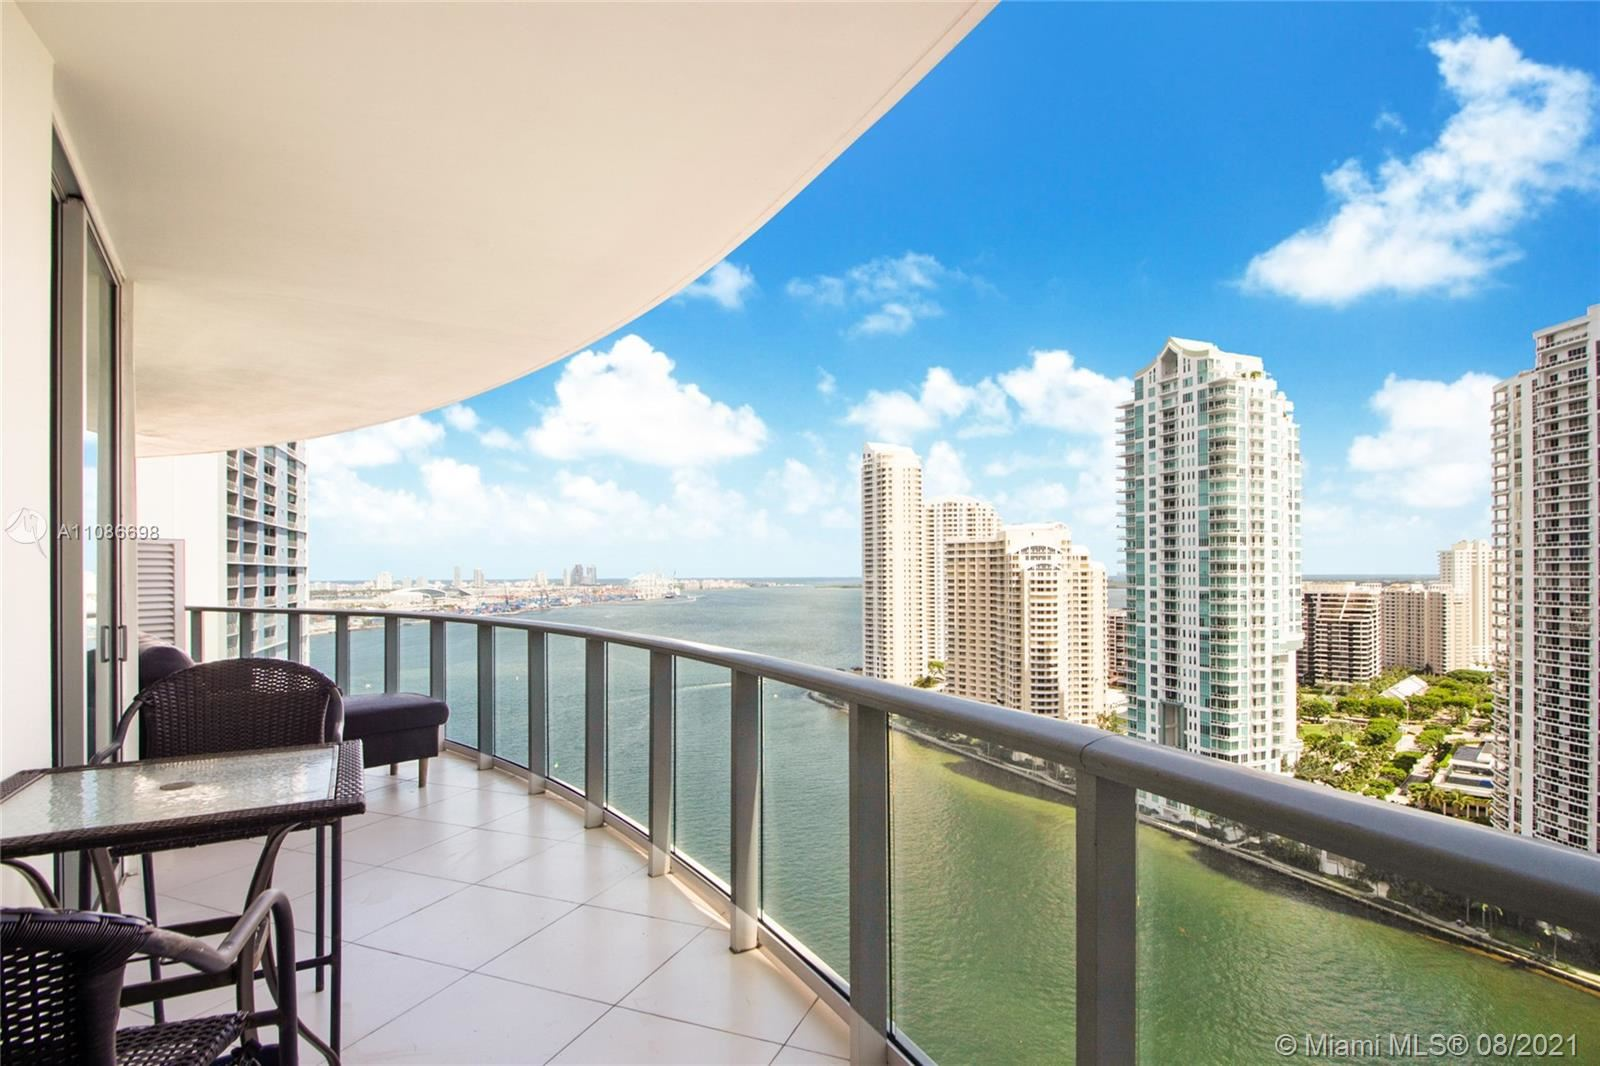 300 S Biscayne Blvd #T-2208, Miami, FL 33131 - #: A11086698